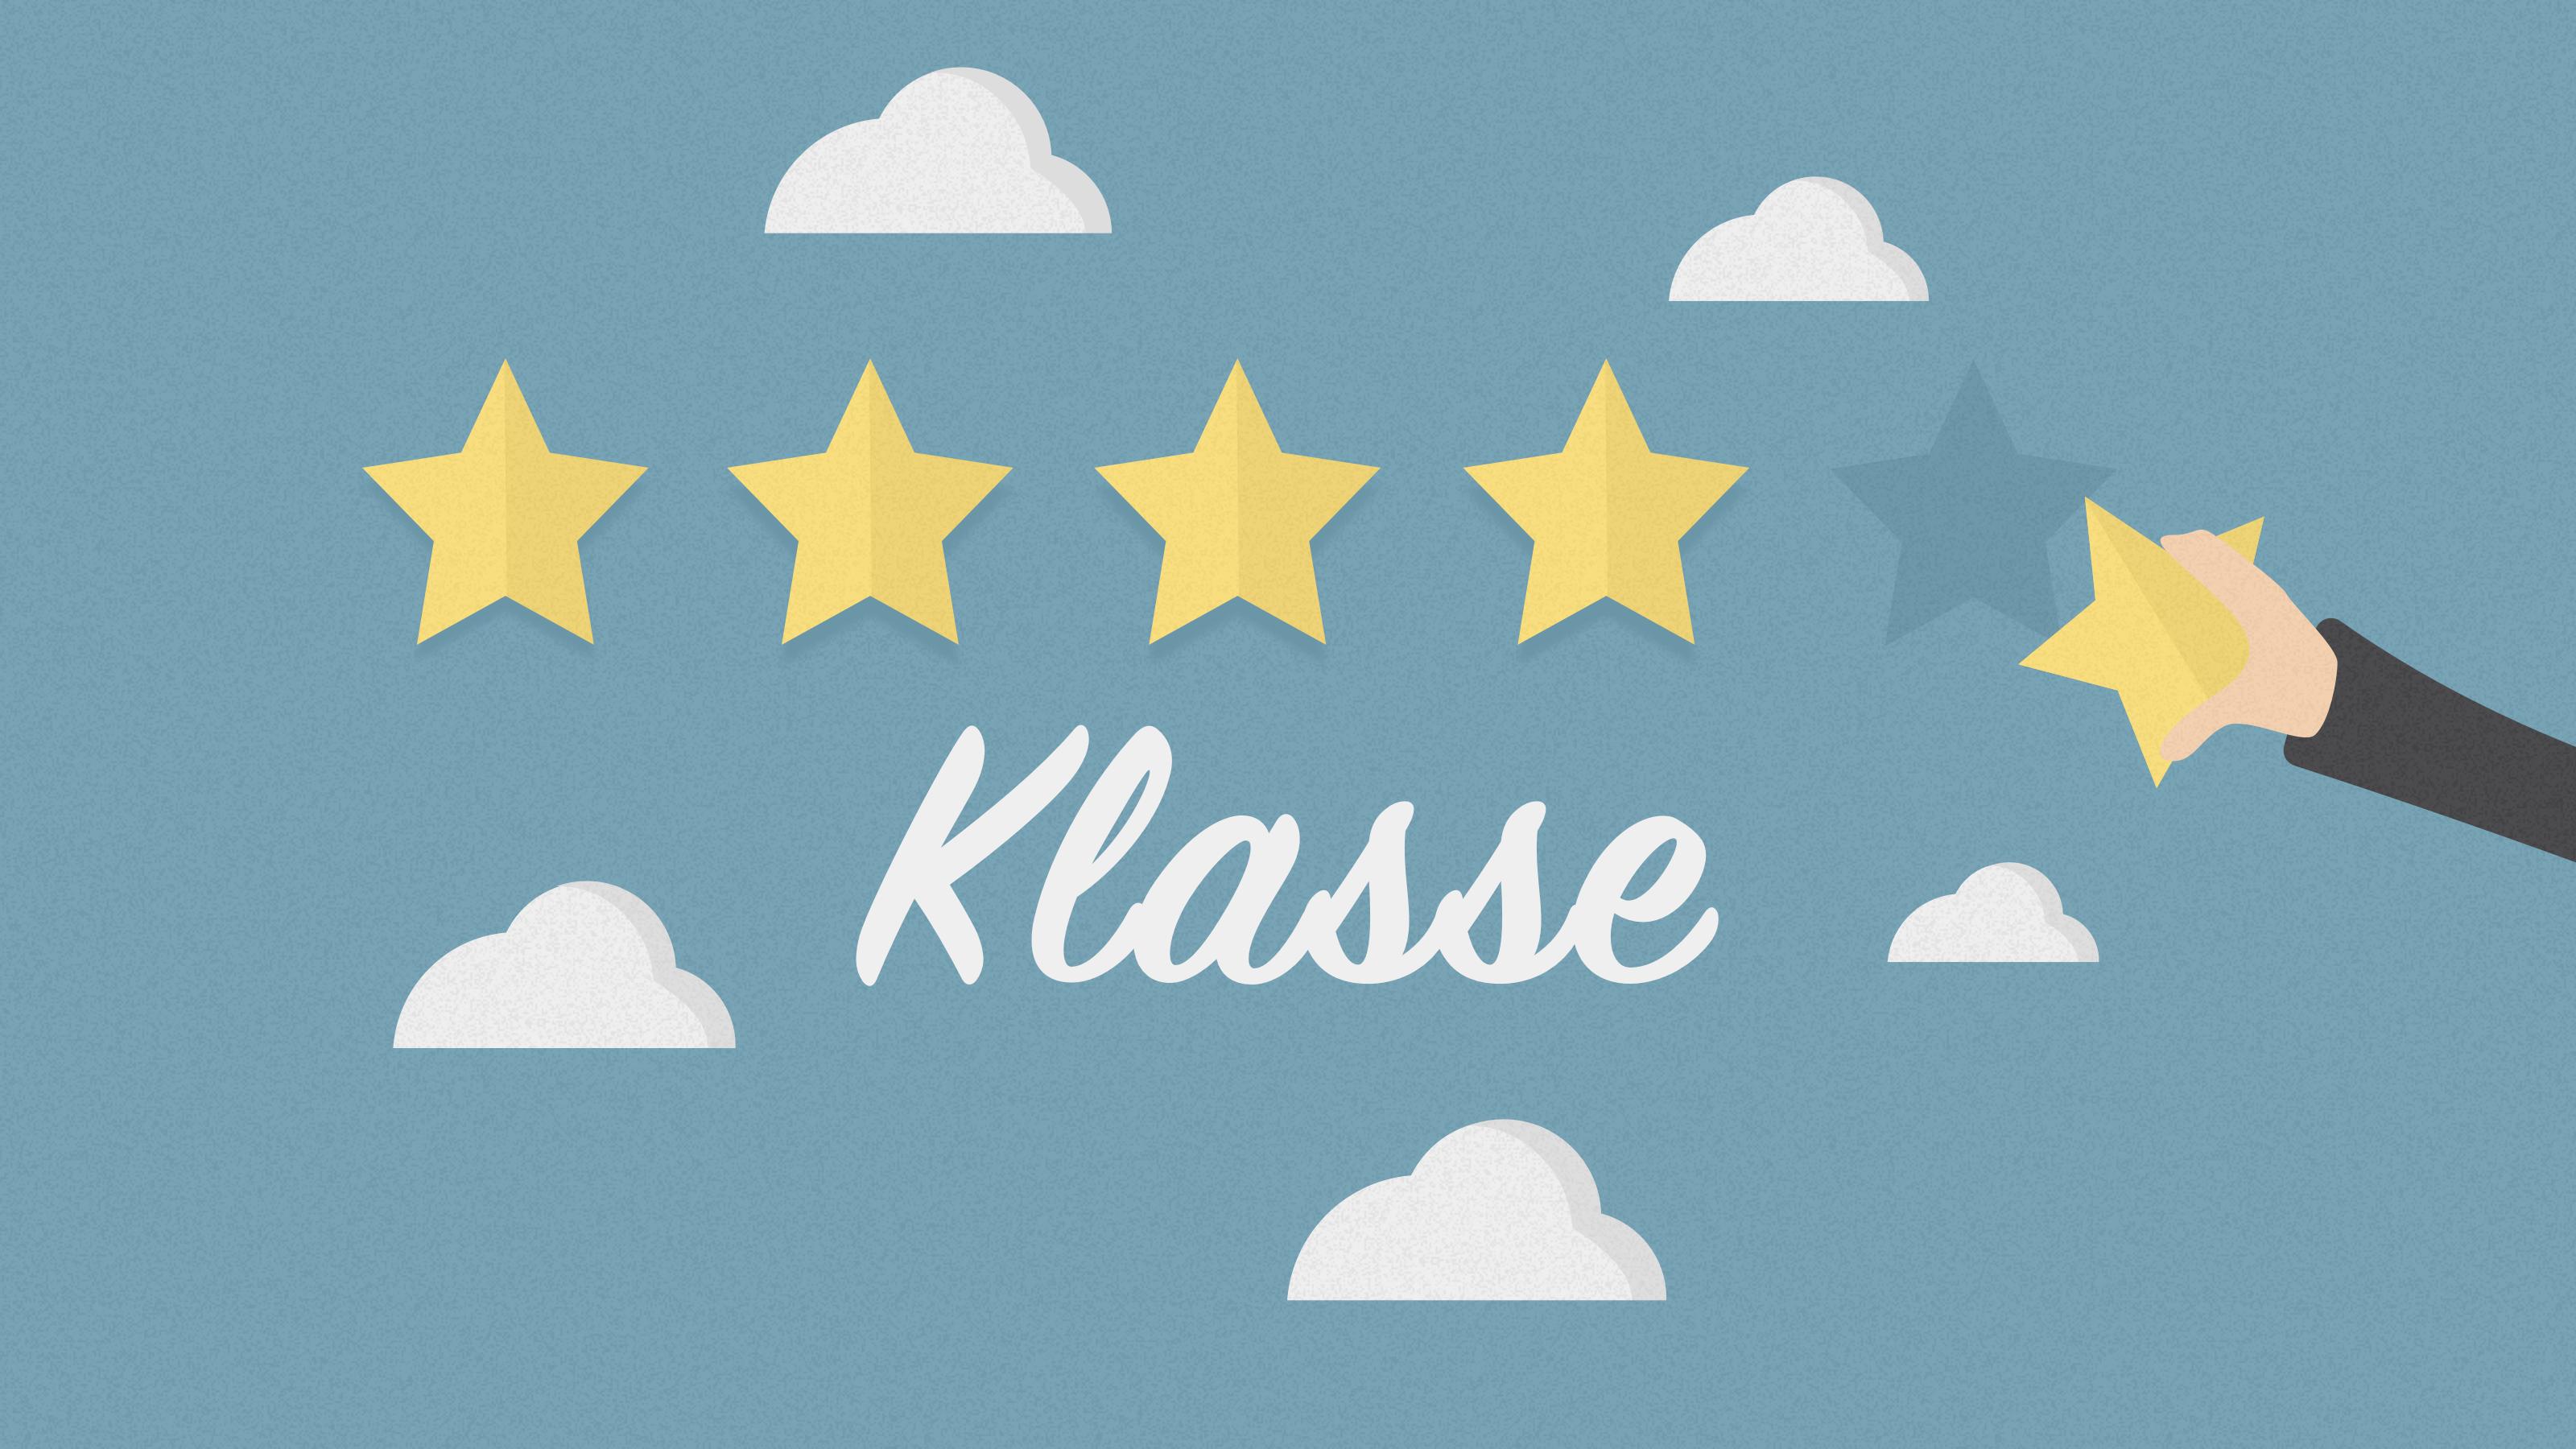 Opticien Kuipers uit Haarlem komt desnoods bij Cees Duwel thuis voor een nieuwe bril